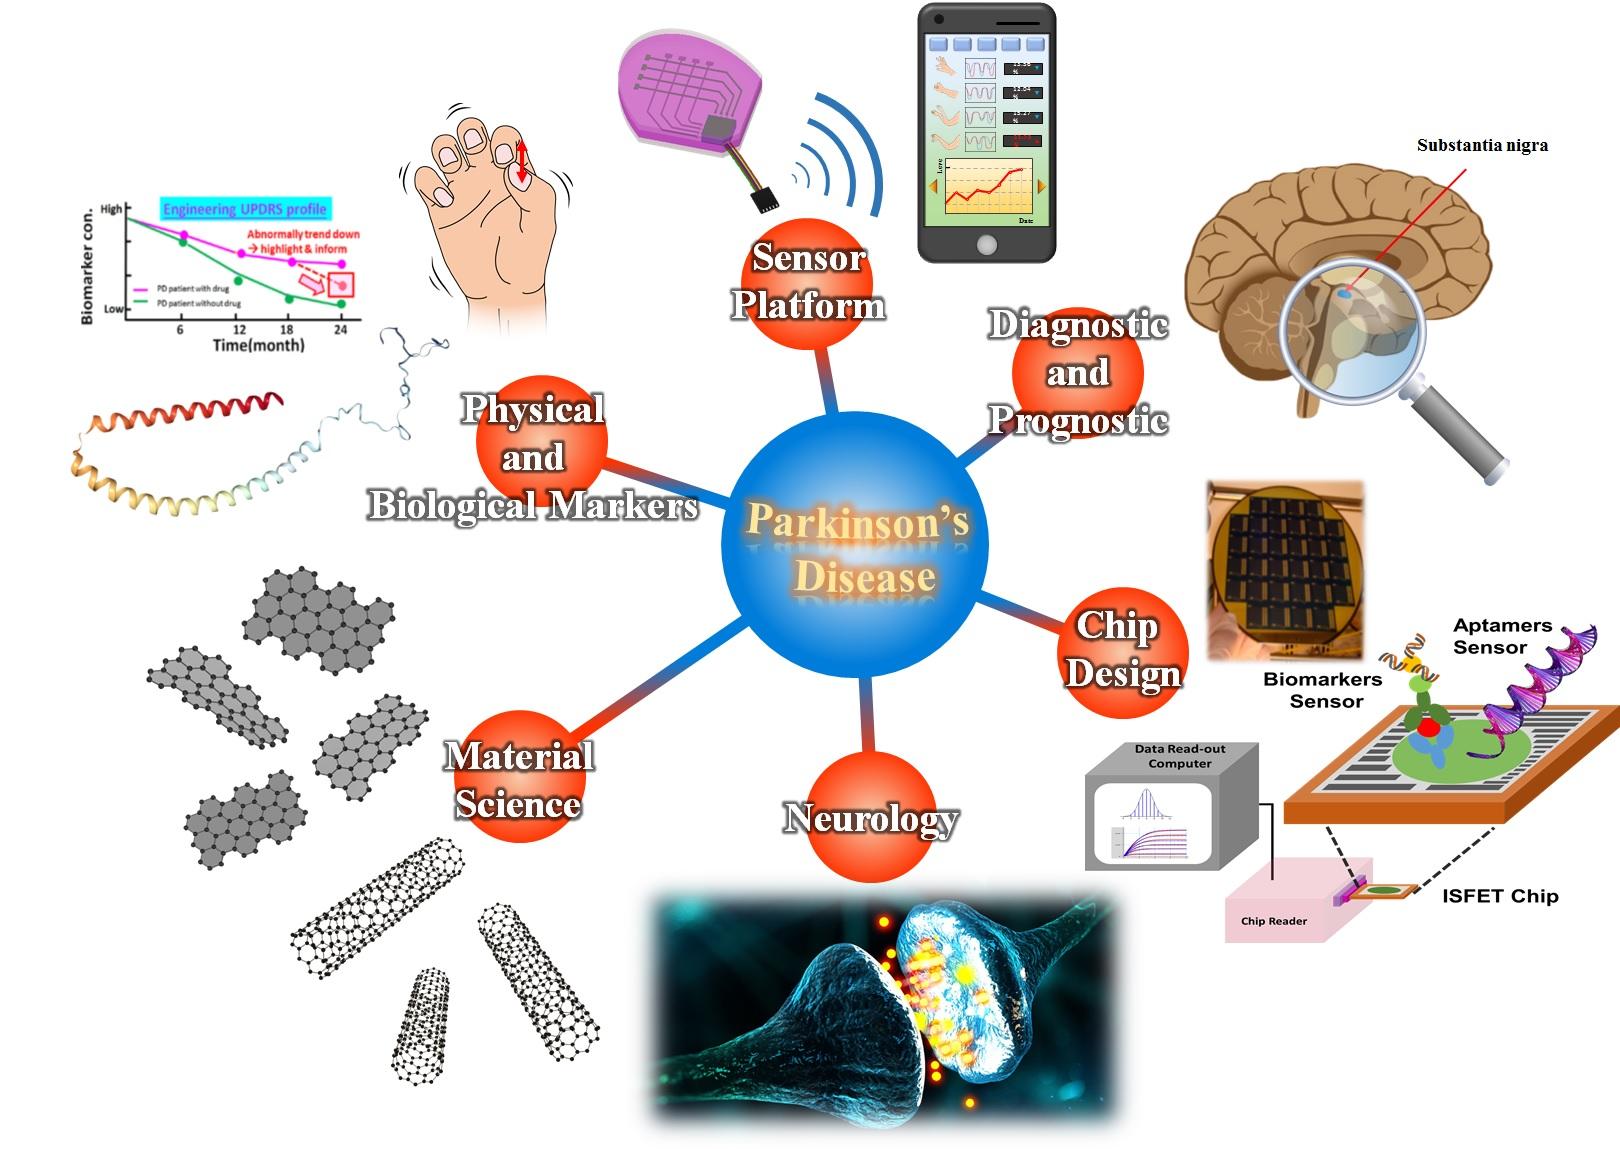 高通量生物與生理標誌於帕金森病程之智慧平台